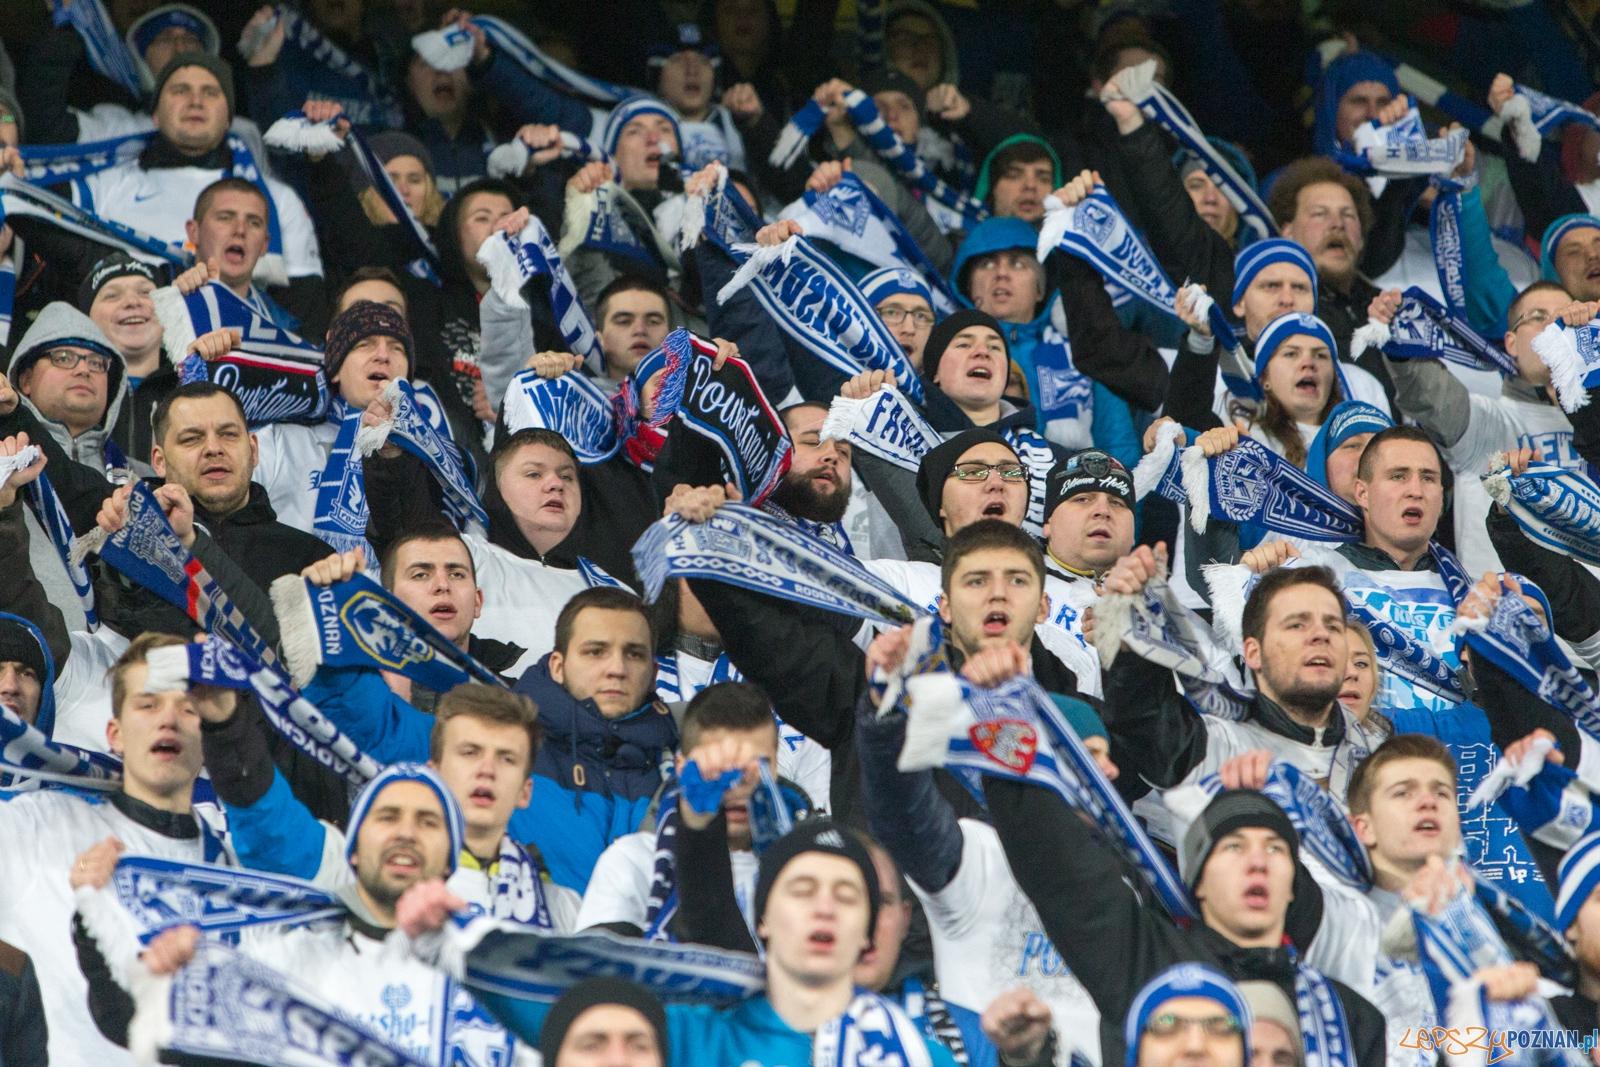 Liga Europy - Lech Poznań - FC Basel (najlepsi kibice na świec  Foto: lepszyPOZNAN.pl / Piotr Rychter